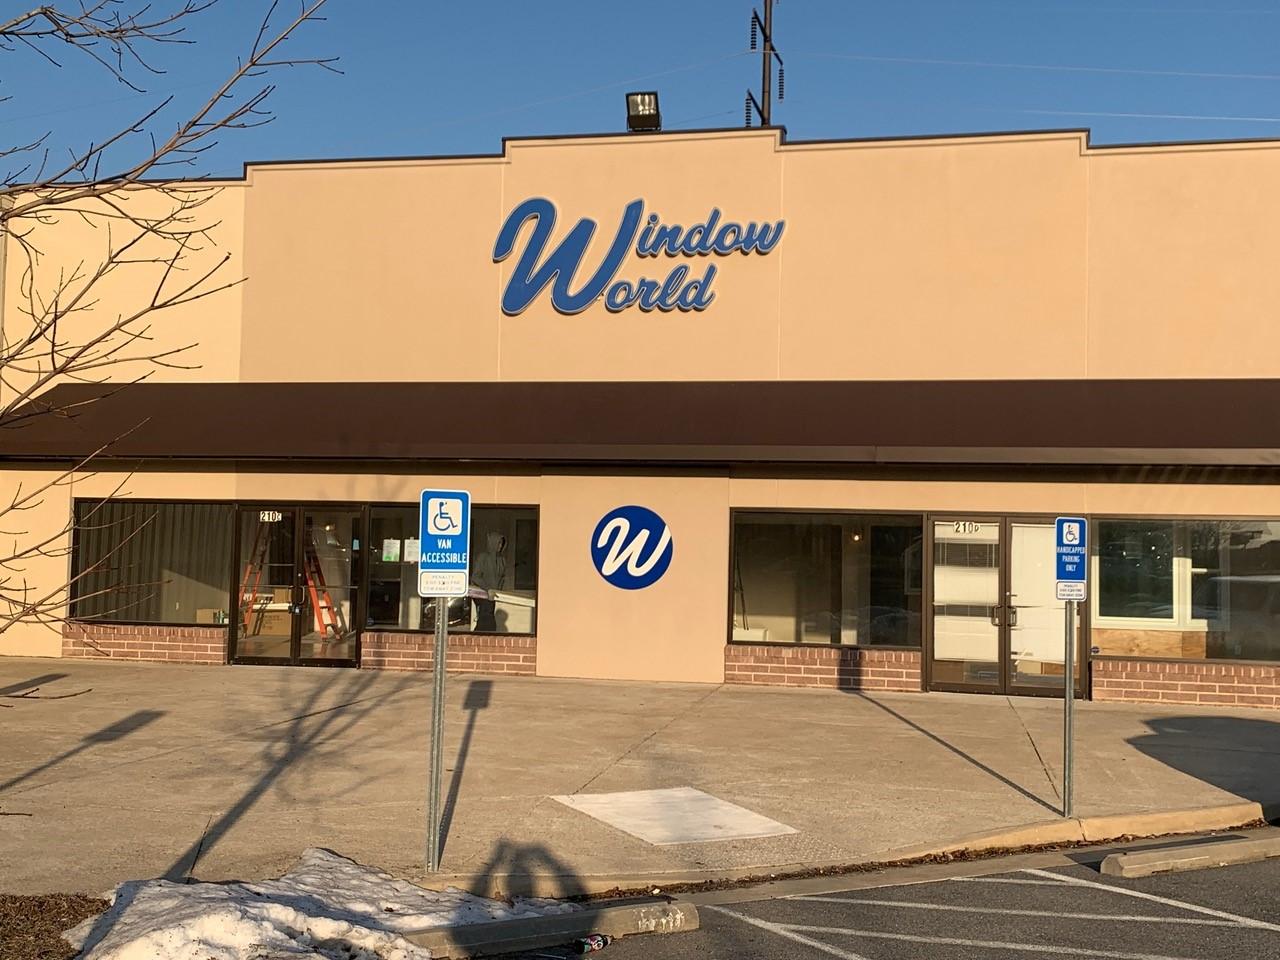 Window World of Washington, DC image 2